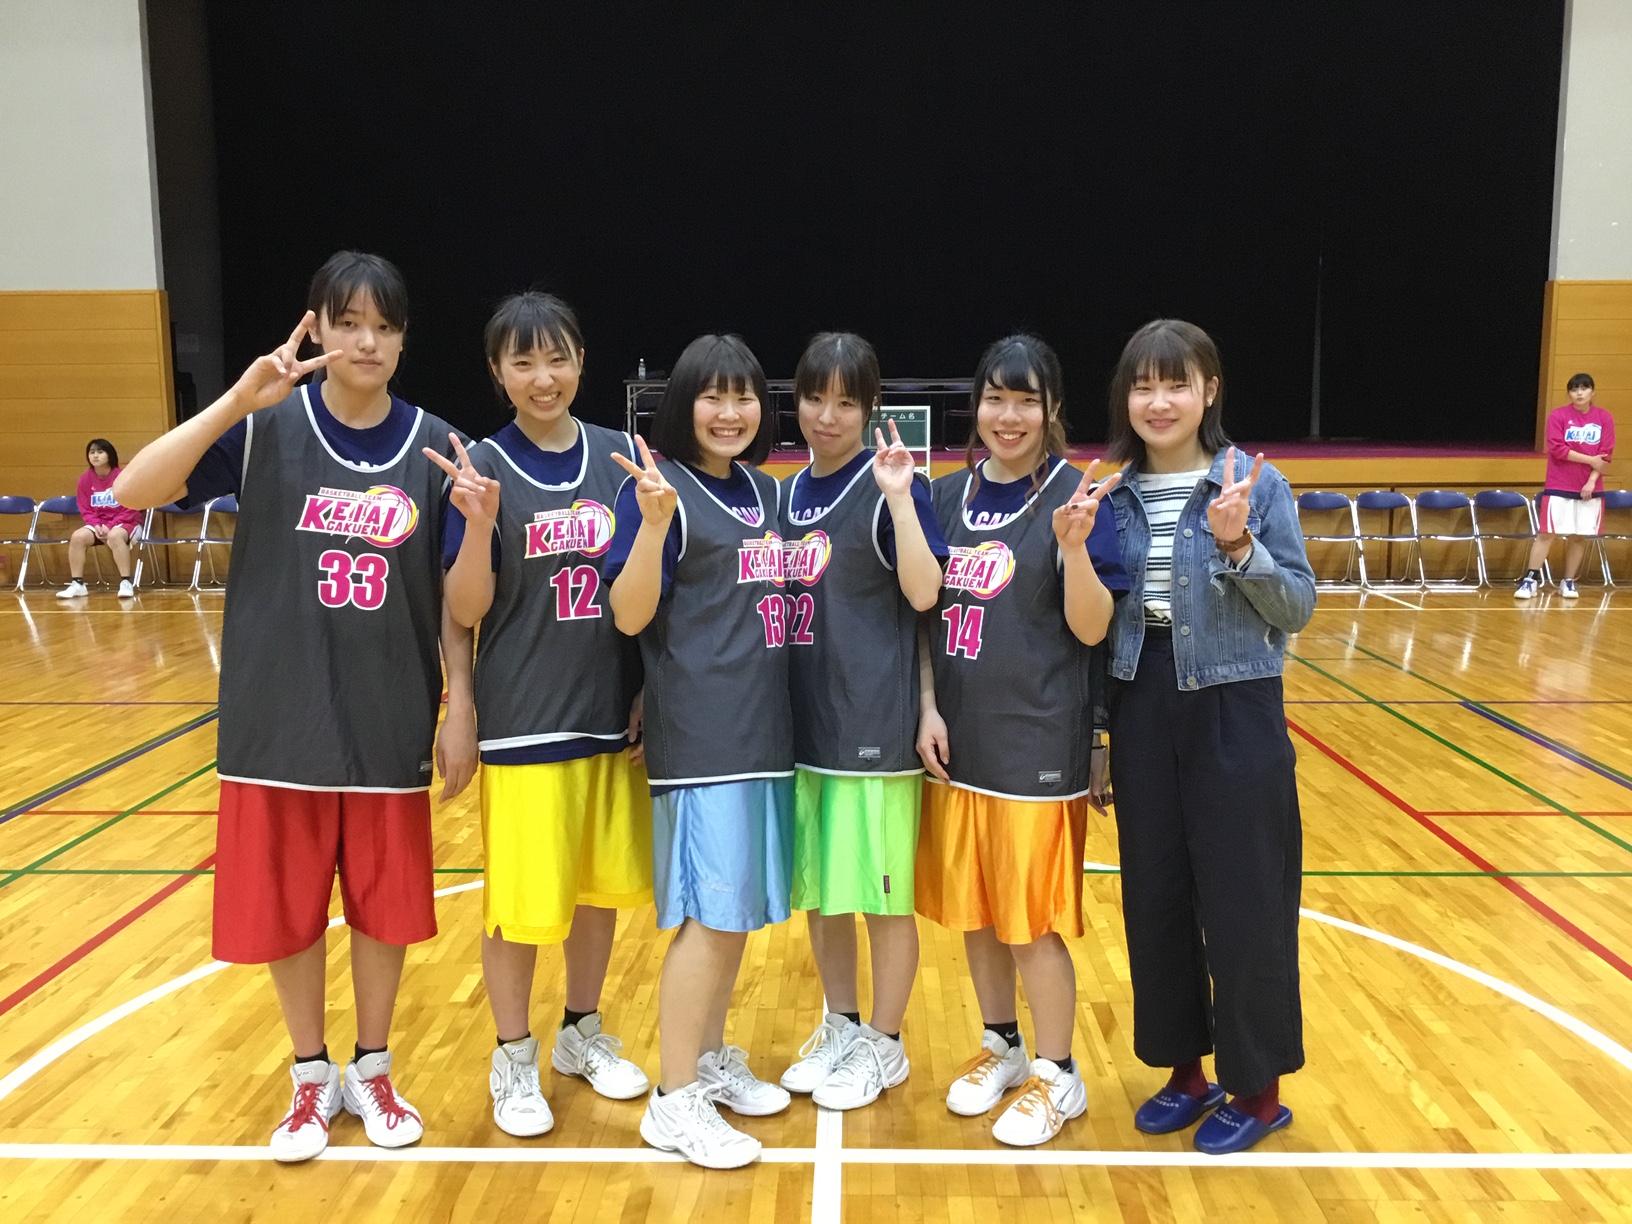 千葉 県 高校 バスケ 速報